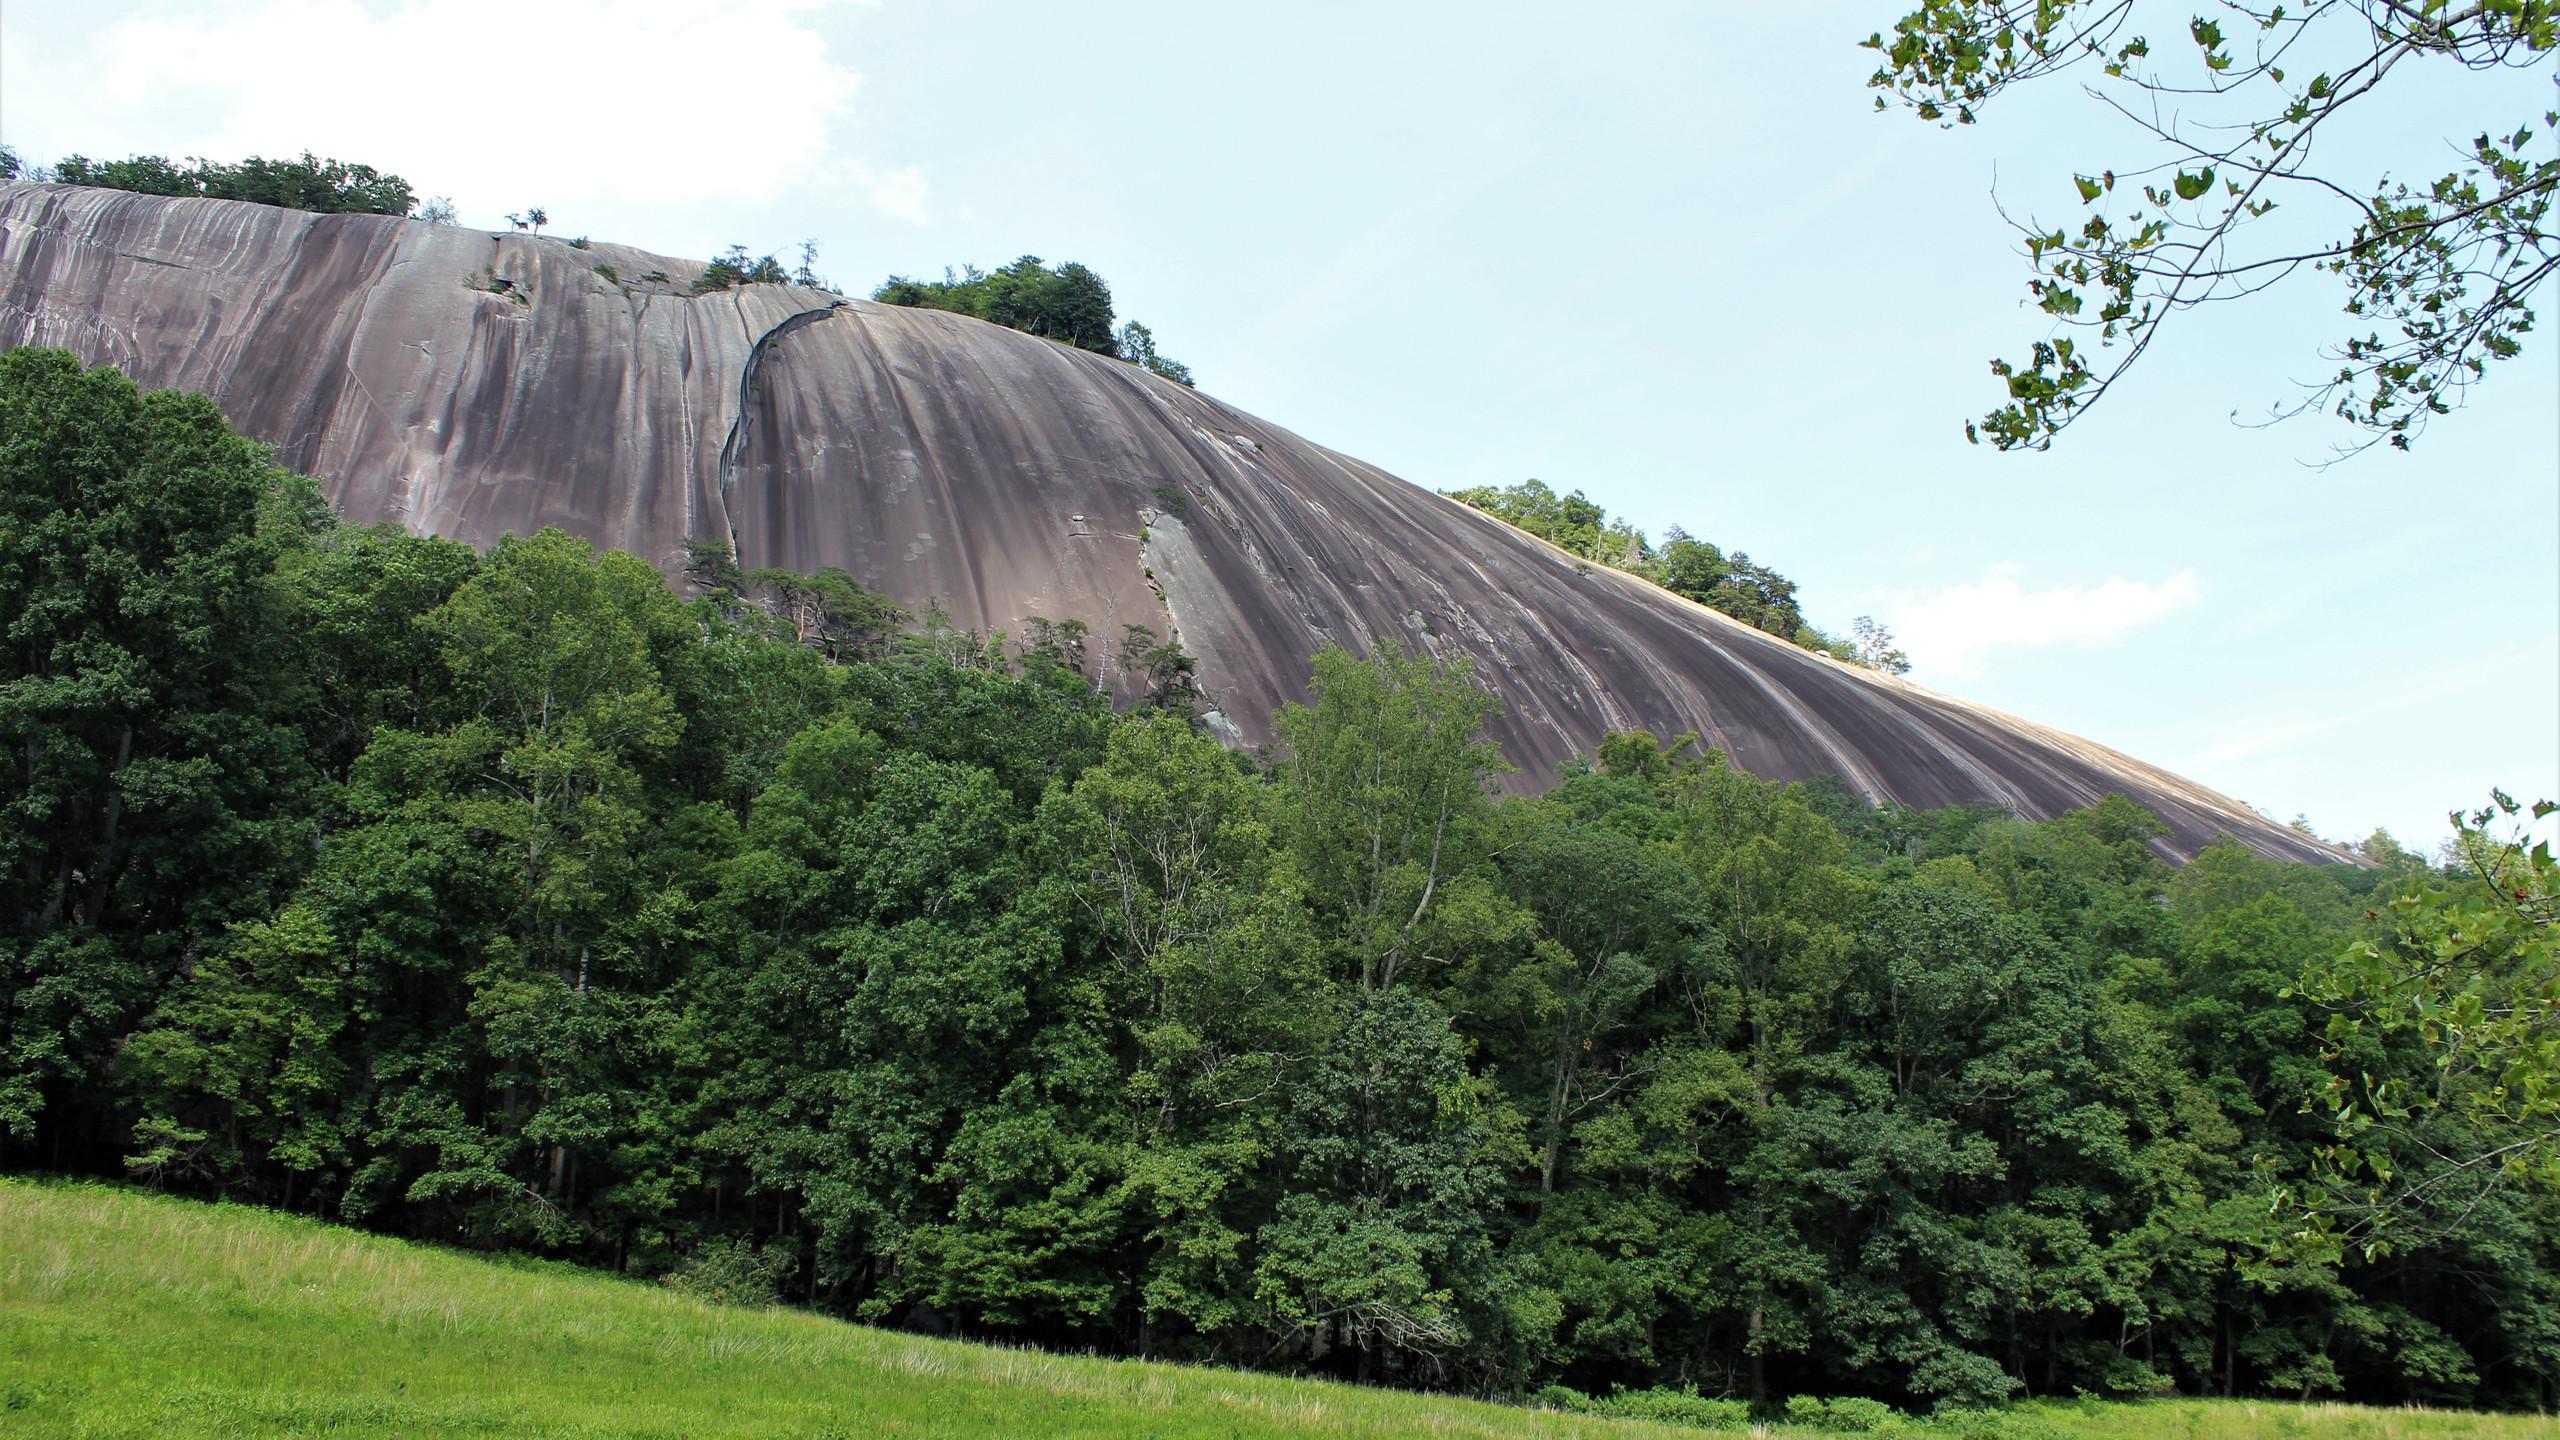 Base of Stone Mountain